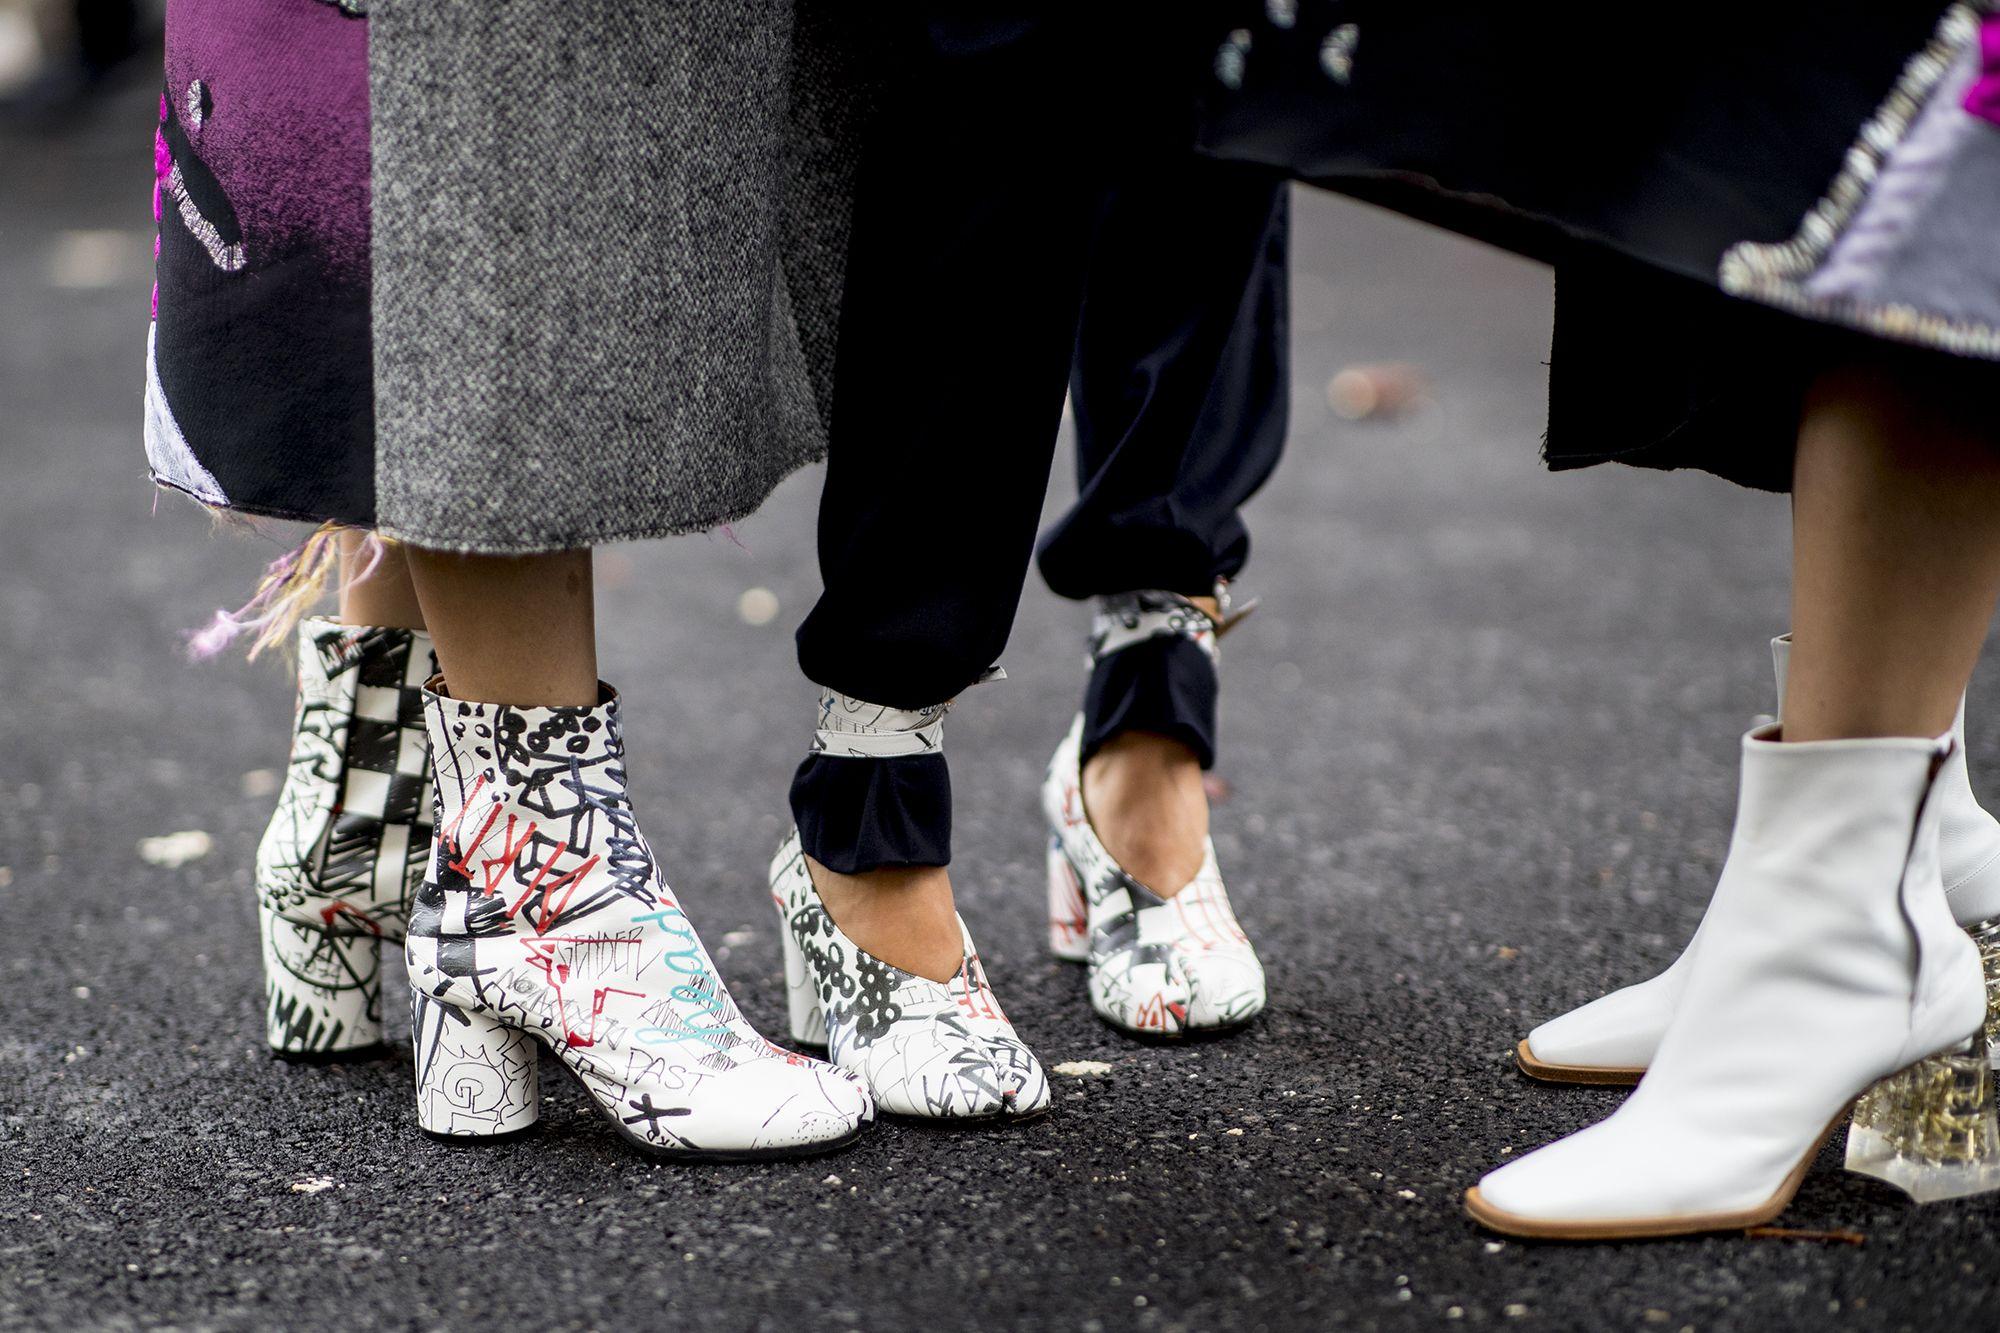 Stivali moda 2019: i modelli Autunno Inverno 2019 2020 dallo